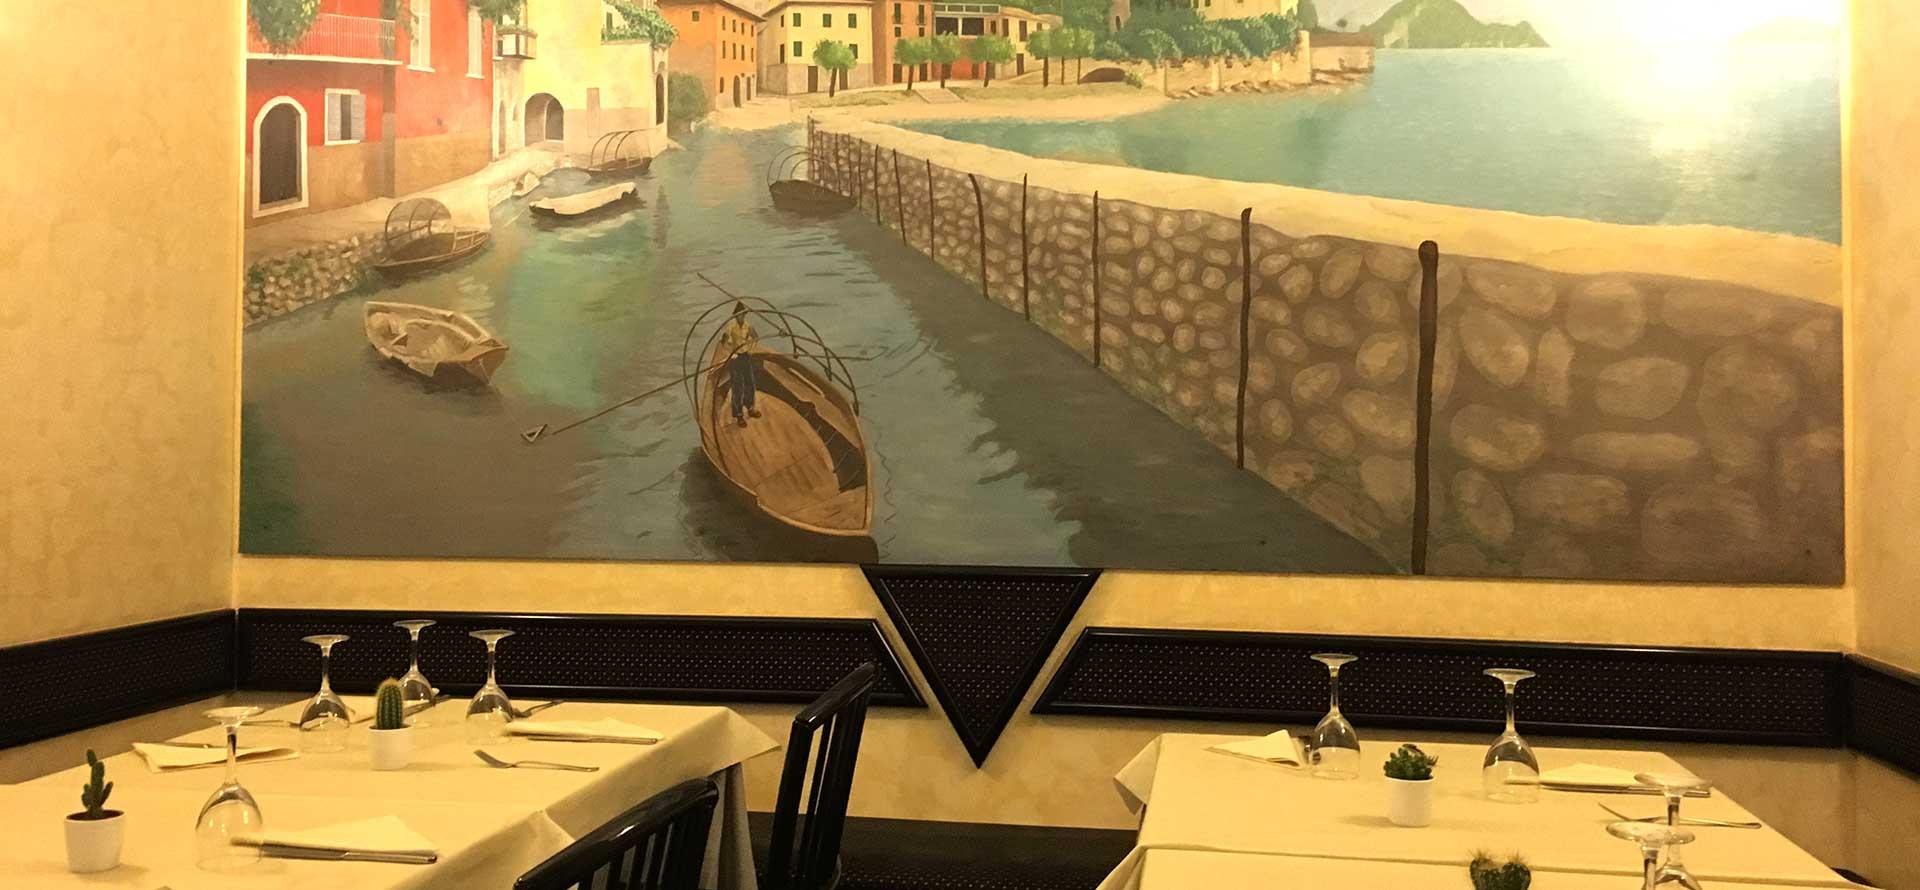 restaurant_topslider_01